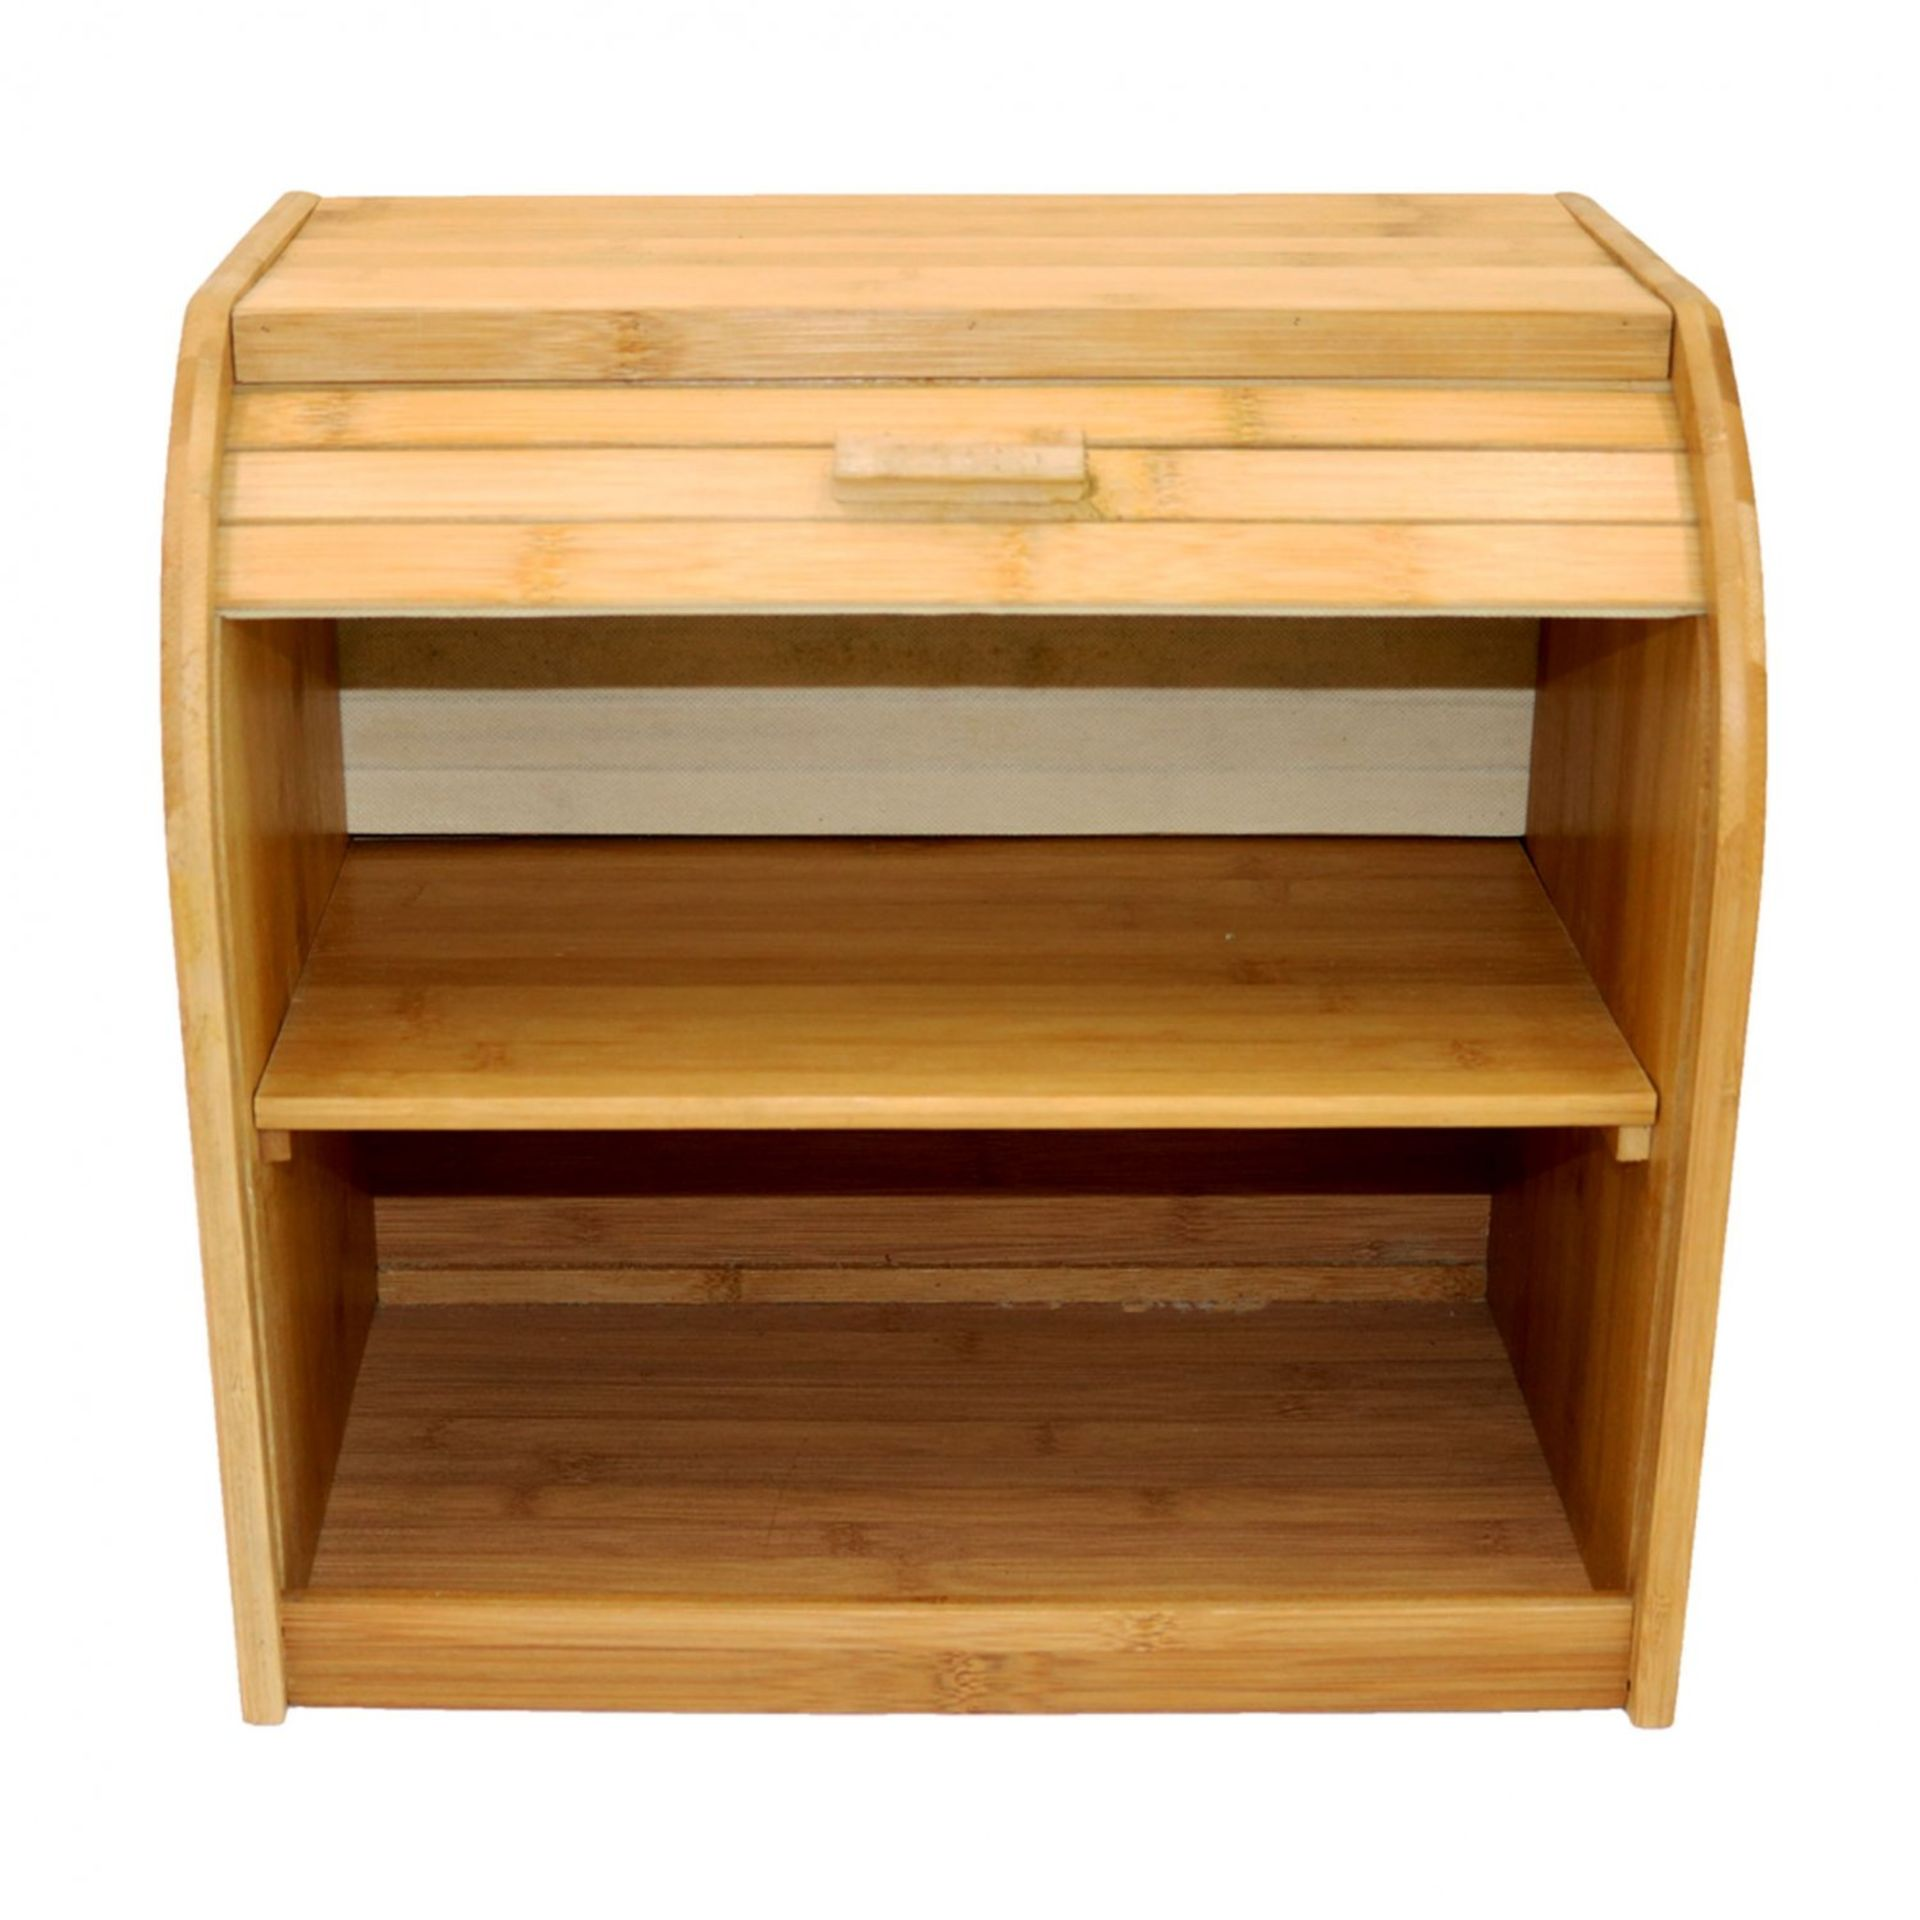 Lot 20 - (RU13) Double Layer Roll Top Bamboo Wooden Bread Bin Kitchen Storage The wooden bread bin ...